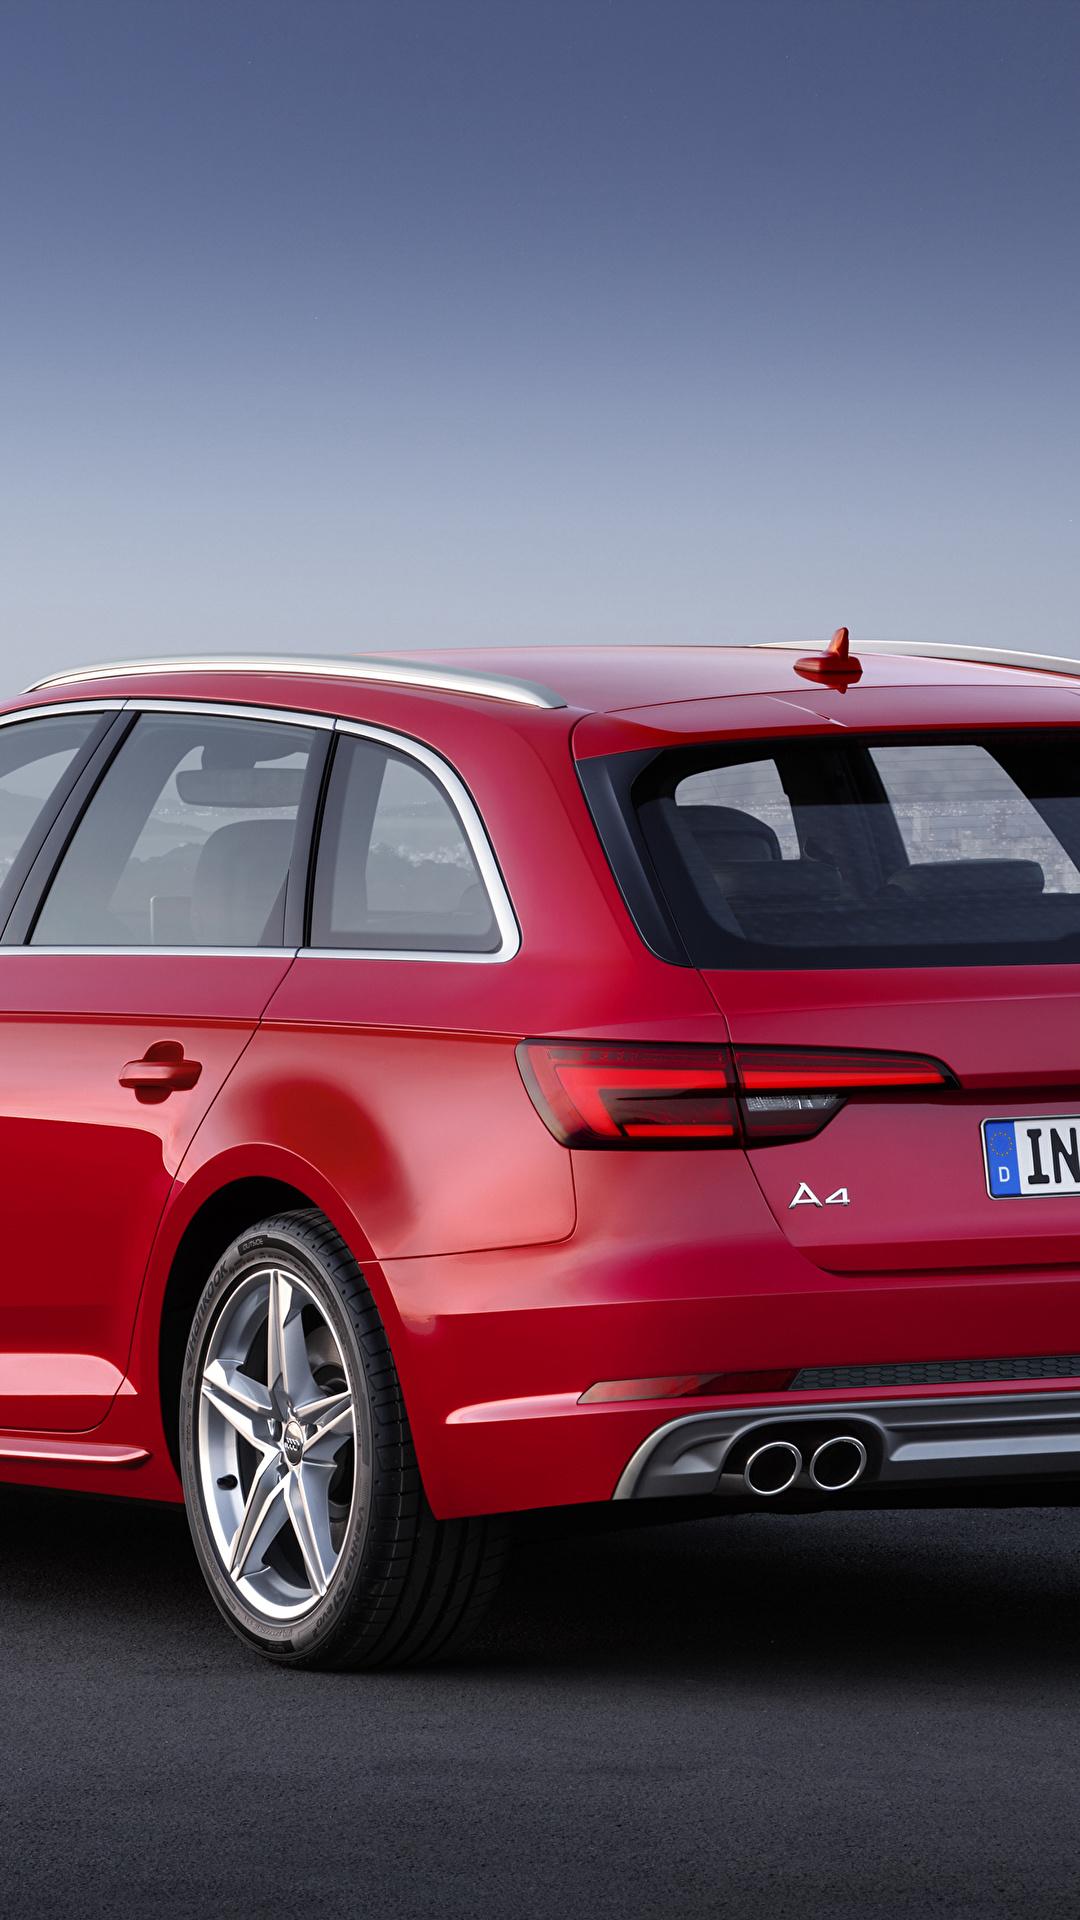 Фотография Audi Универсал TDI quattro Avant, 2015 S line красная Сзади Металлик Автомобили 1080x1920 для мобильного телефона Ауди красных красные Красный авто машина машины вид сзади автомобиль